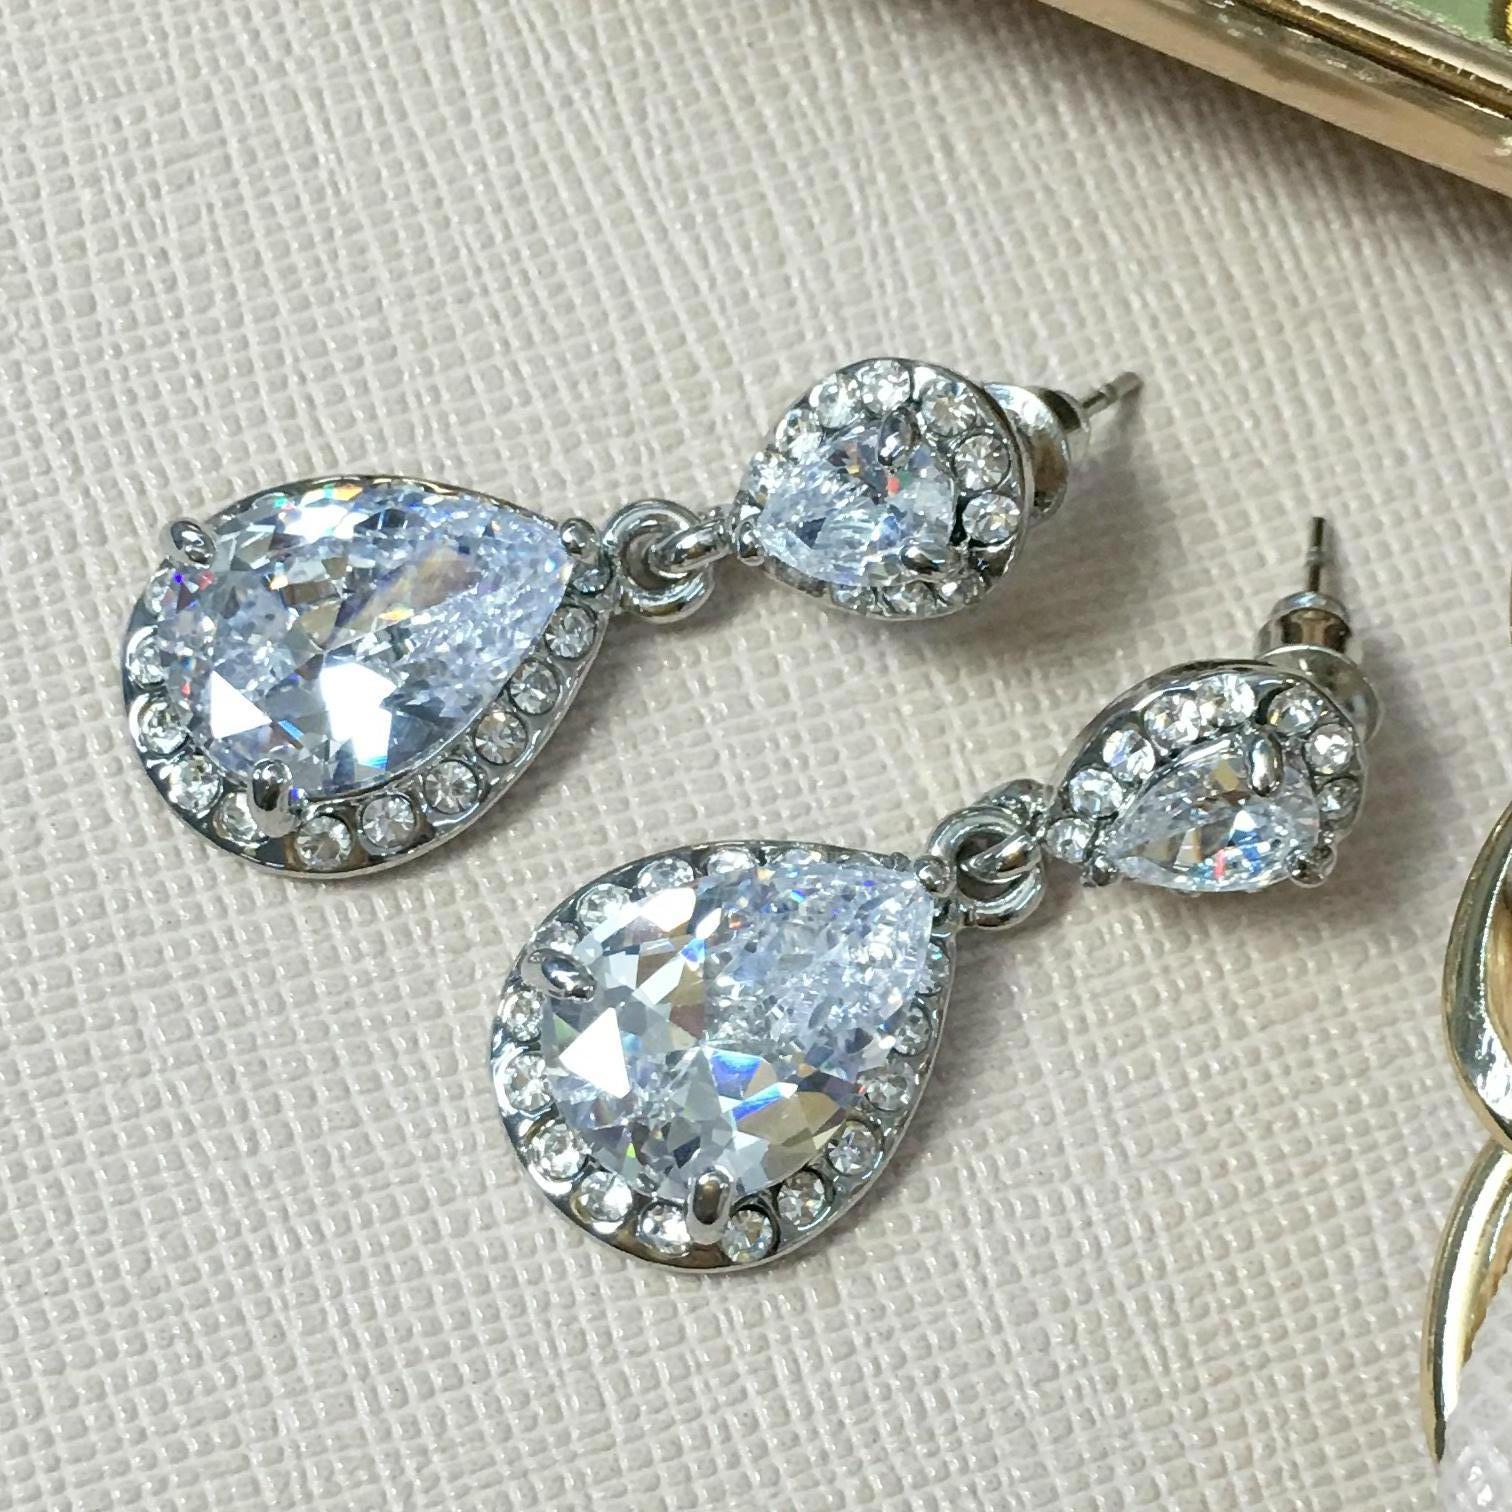 Šperky NA SKLADE - real foto - Obrázok č. 13